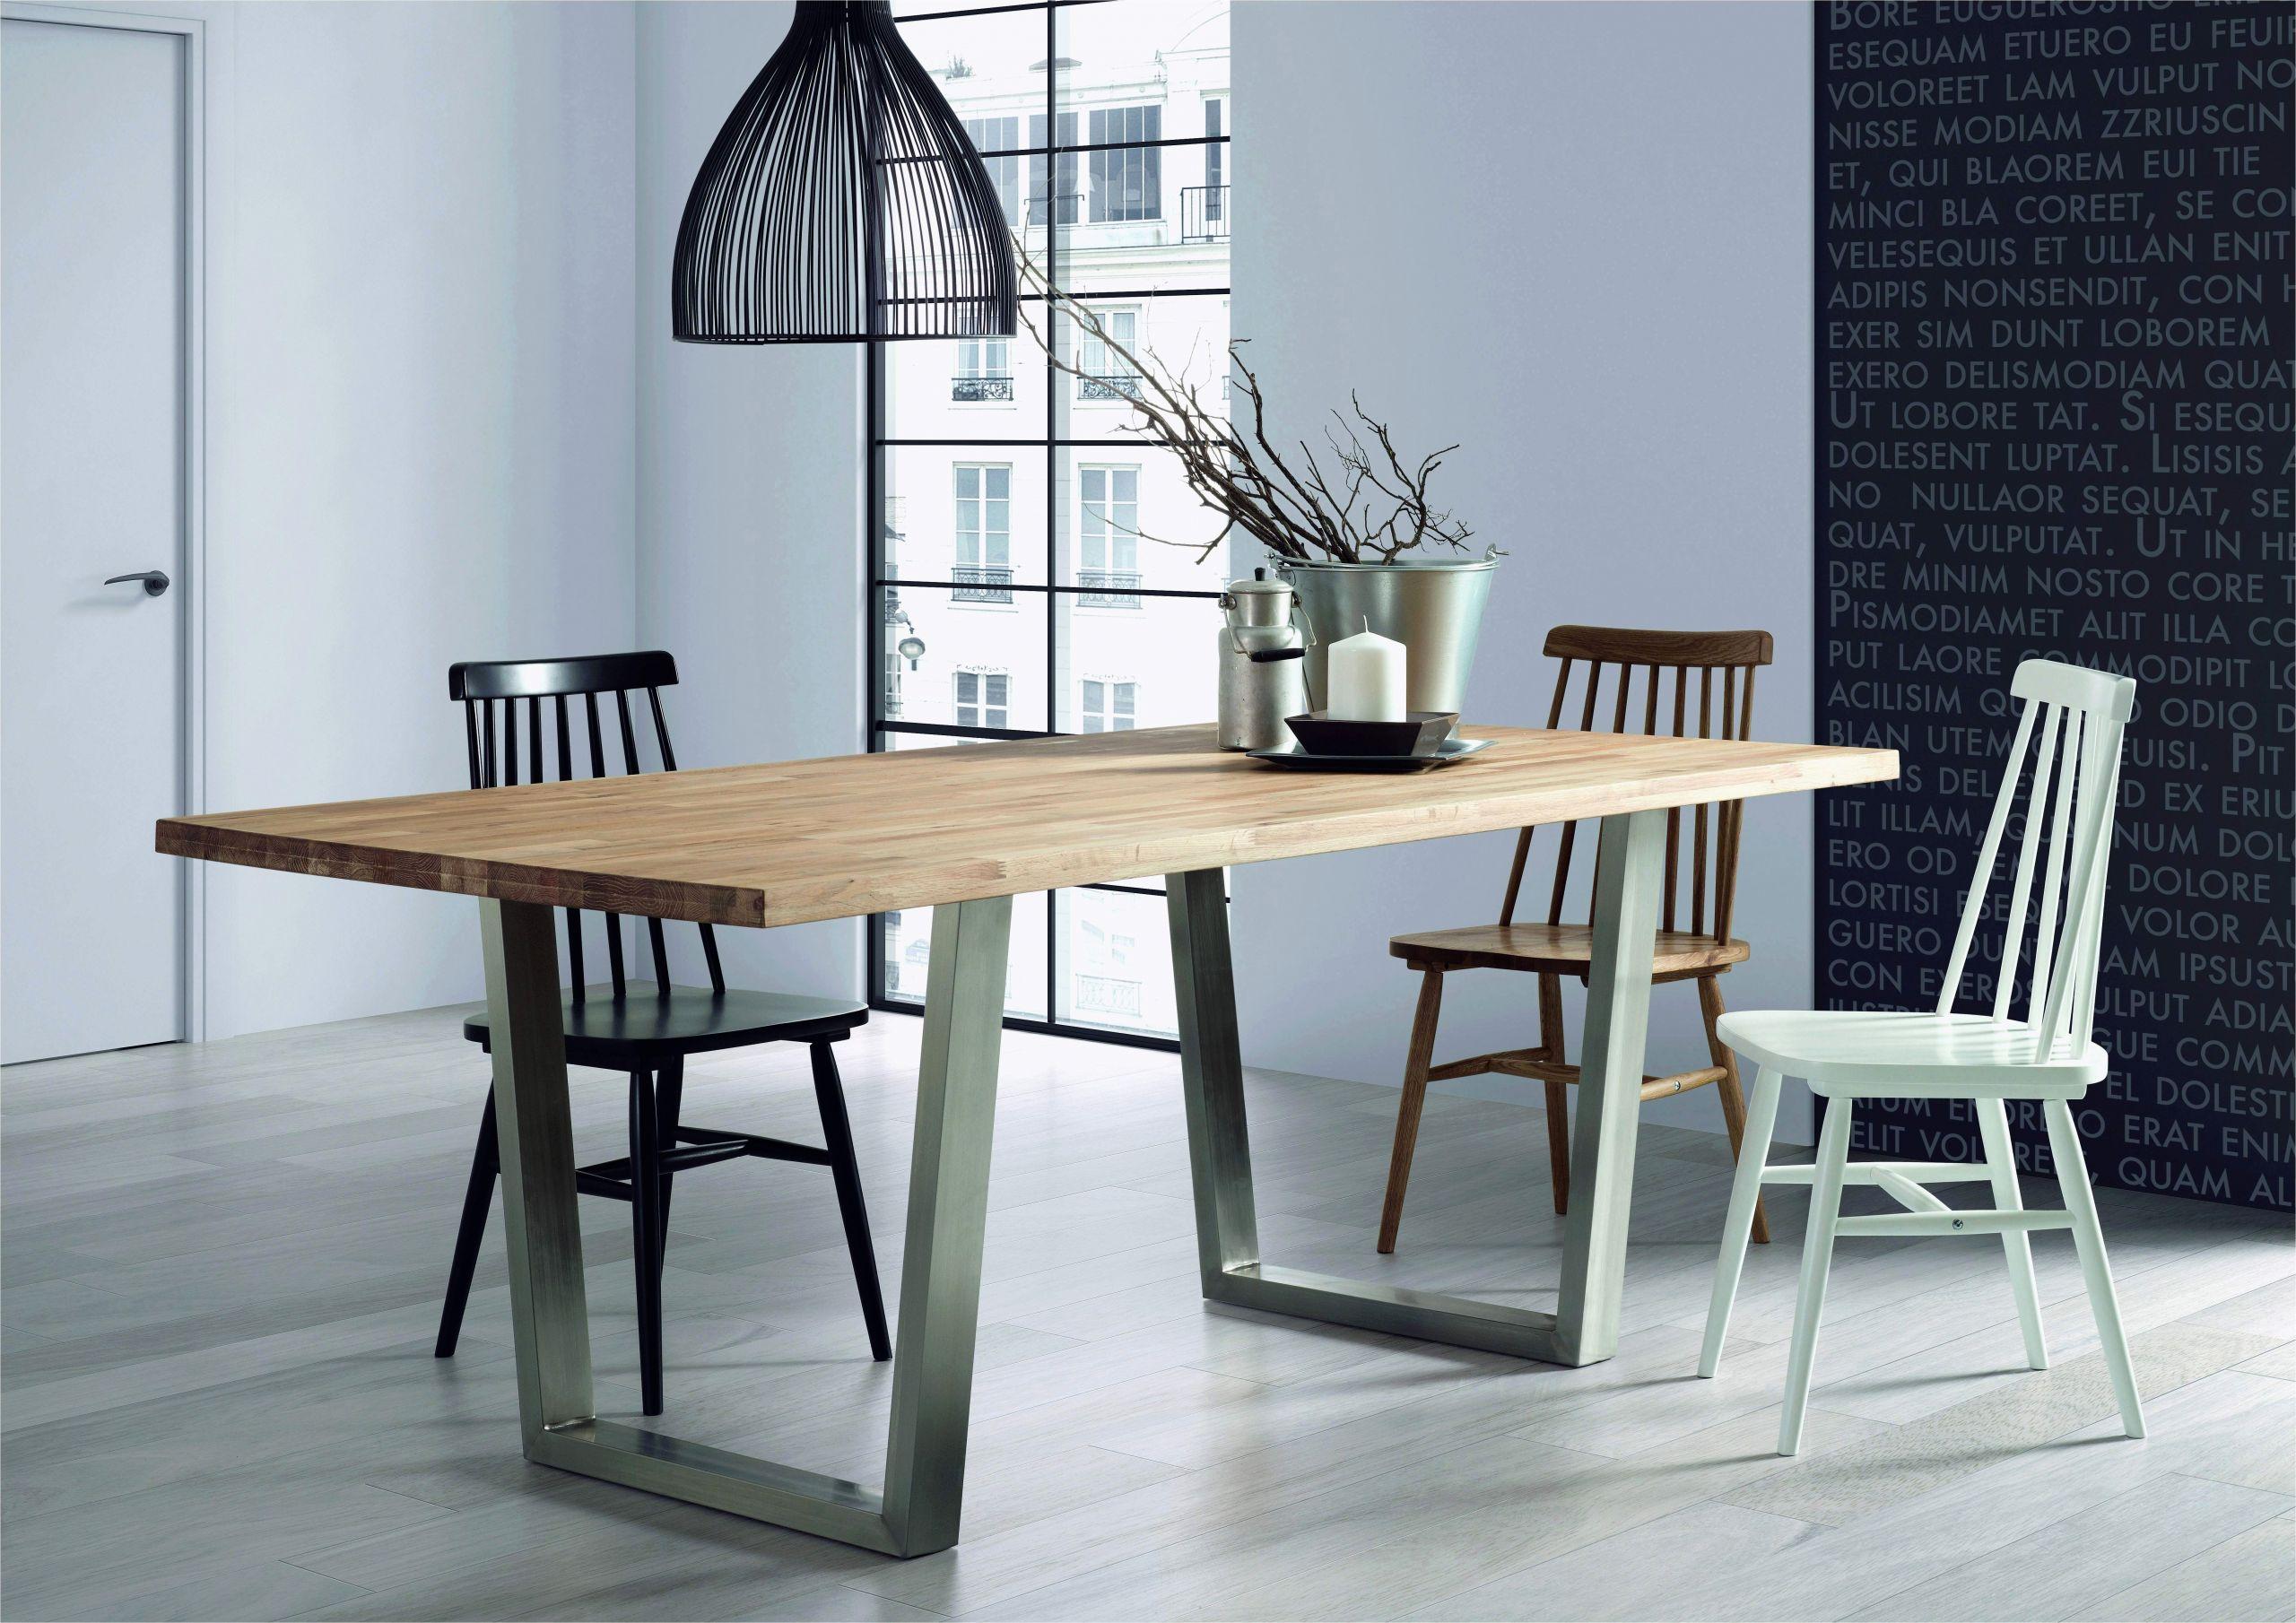 Lit Exterieur Design mobilier exterieur pas cher best of 77 génial table jardin